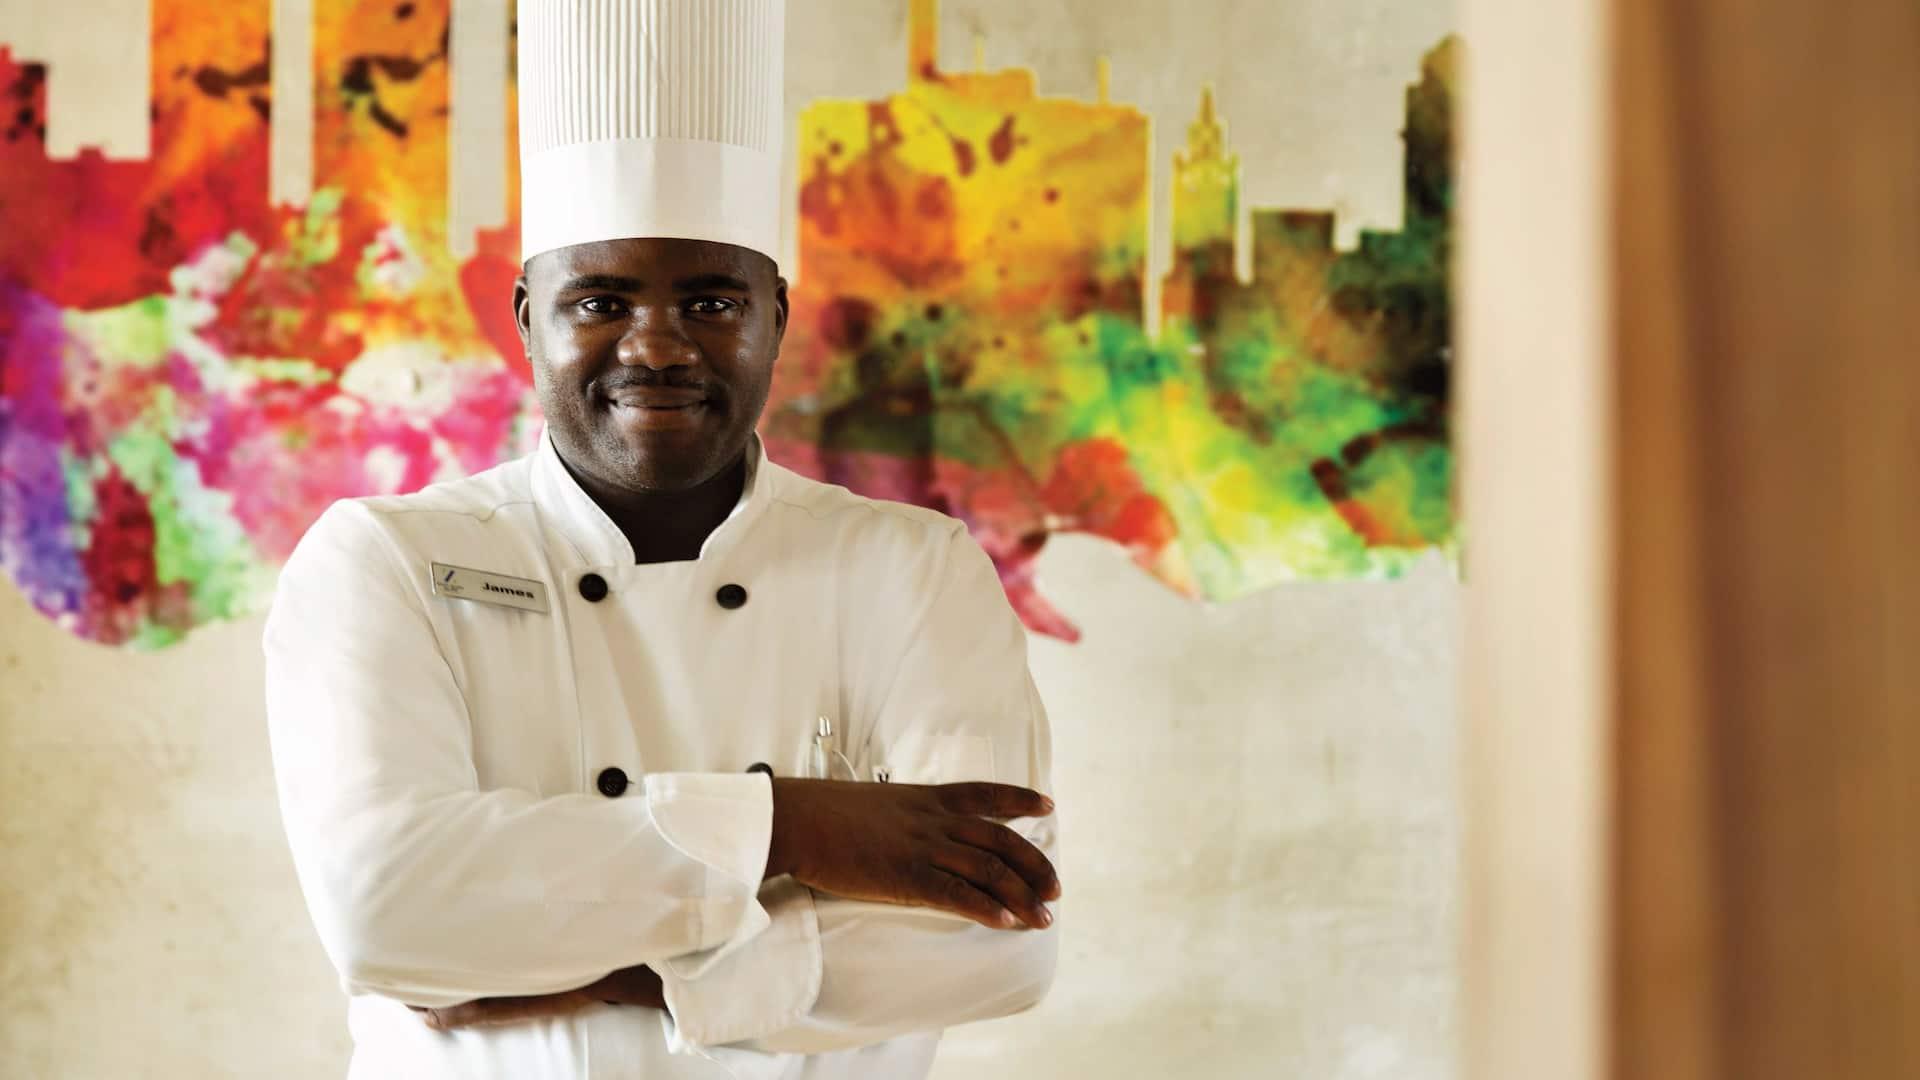 Urban Restaurant Chef